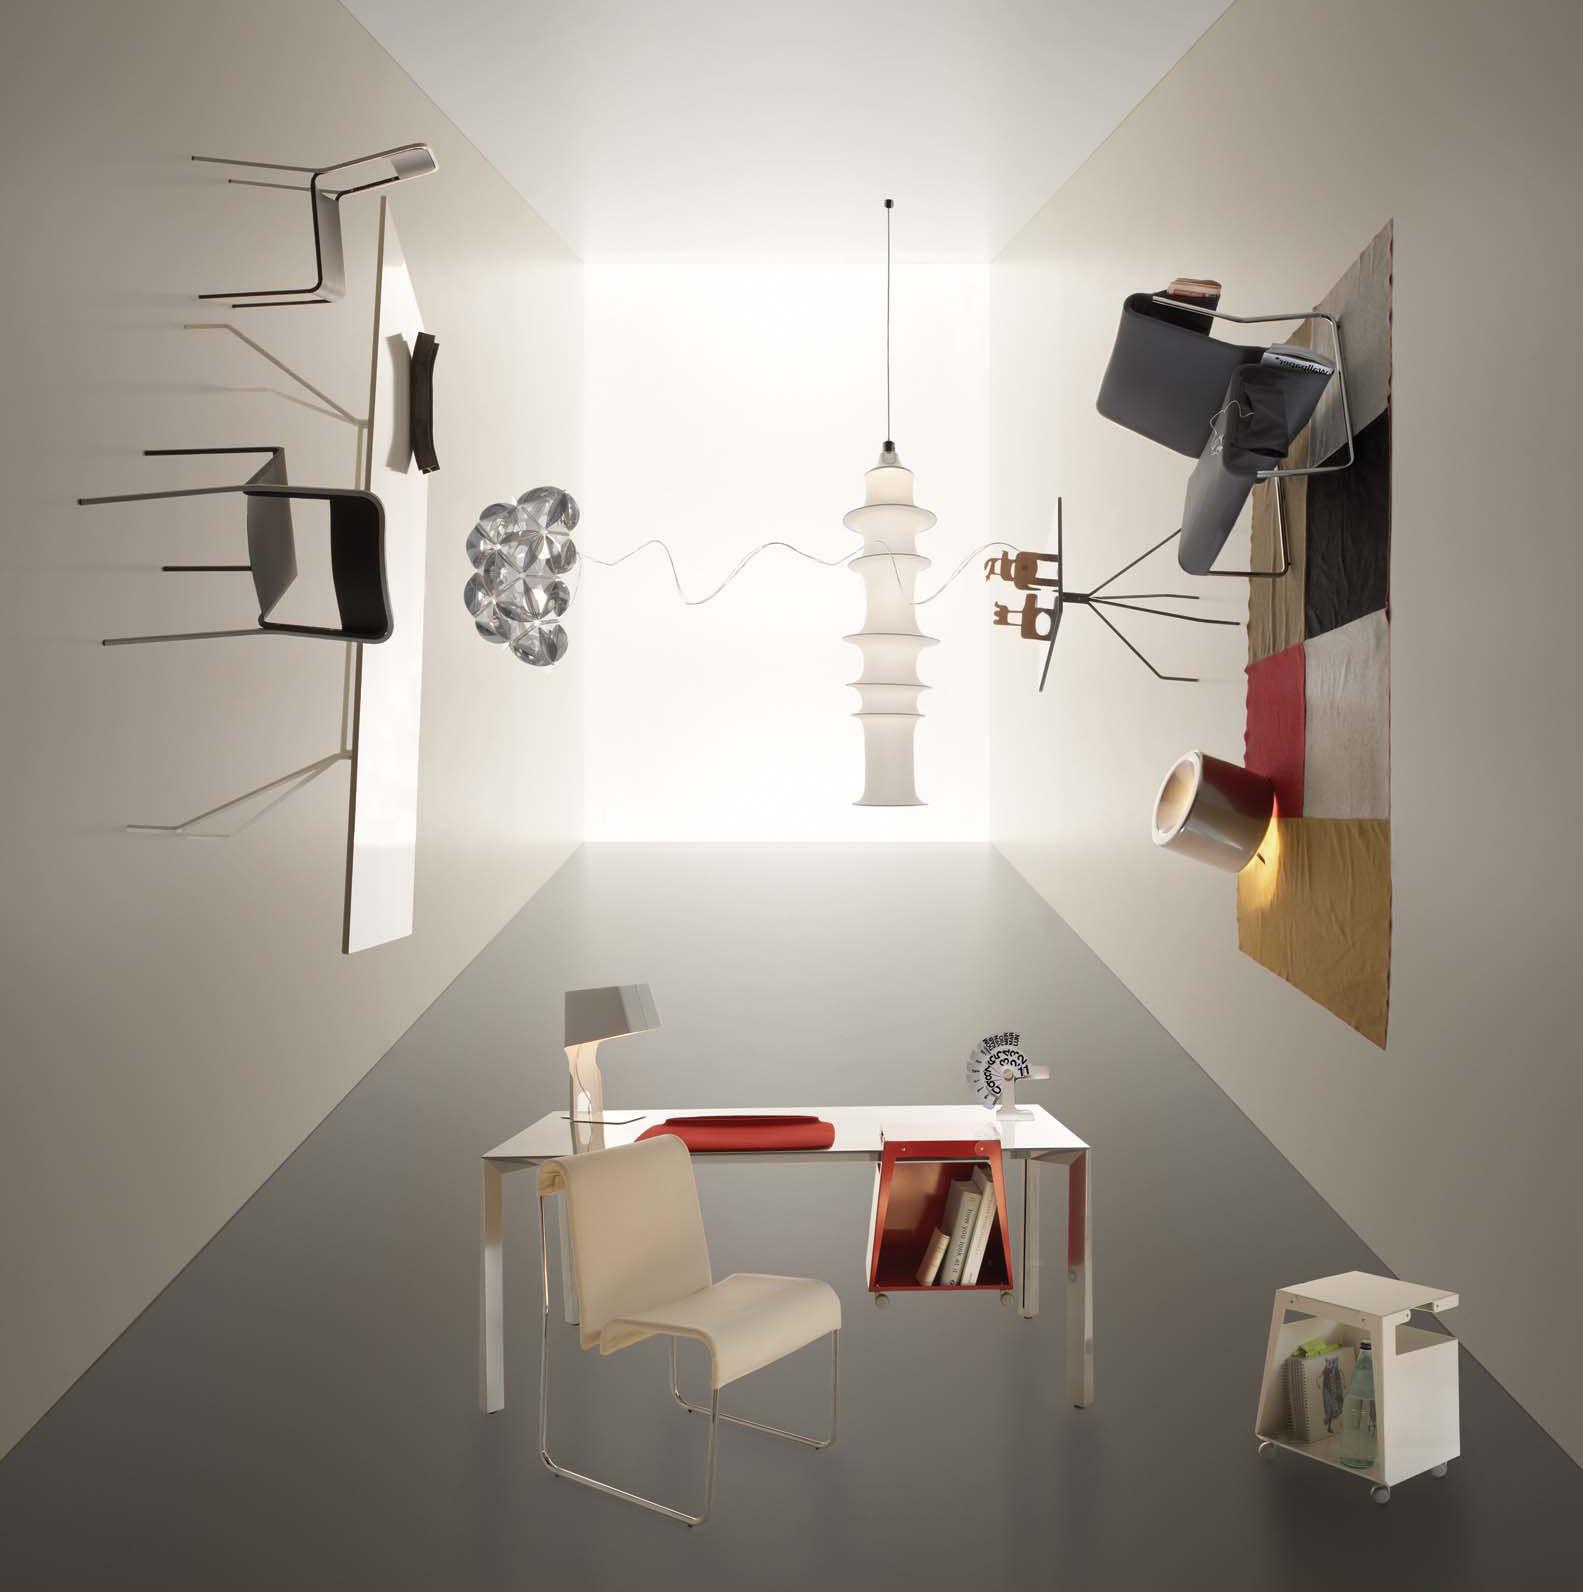 Abbassamento Soffitto Led: Installazione lightbox ® - youtube ...